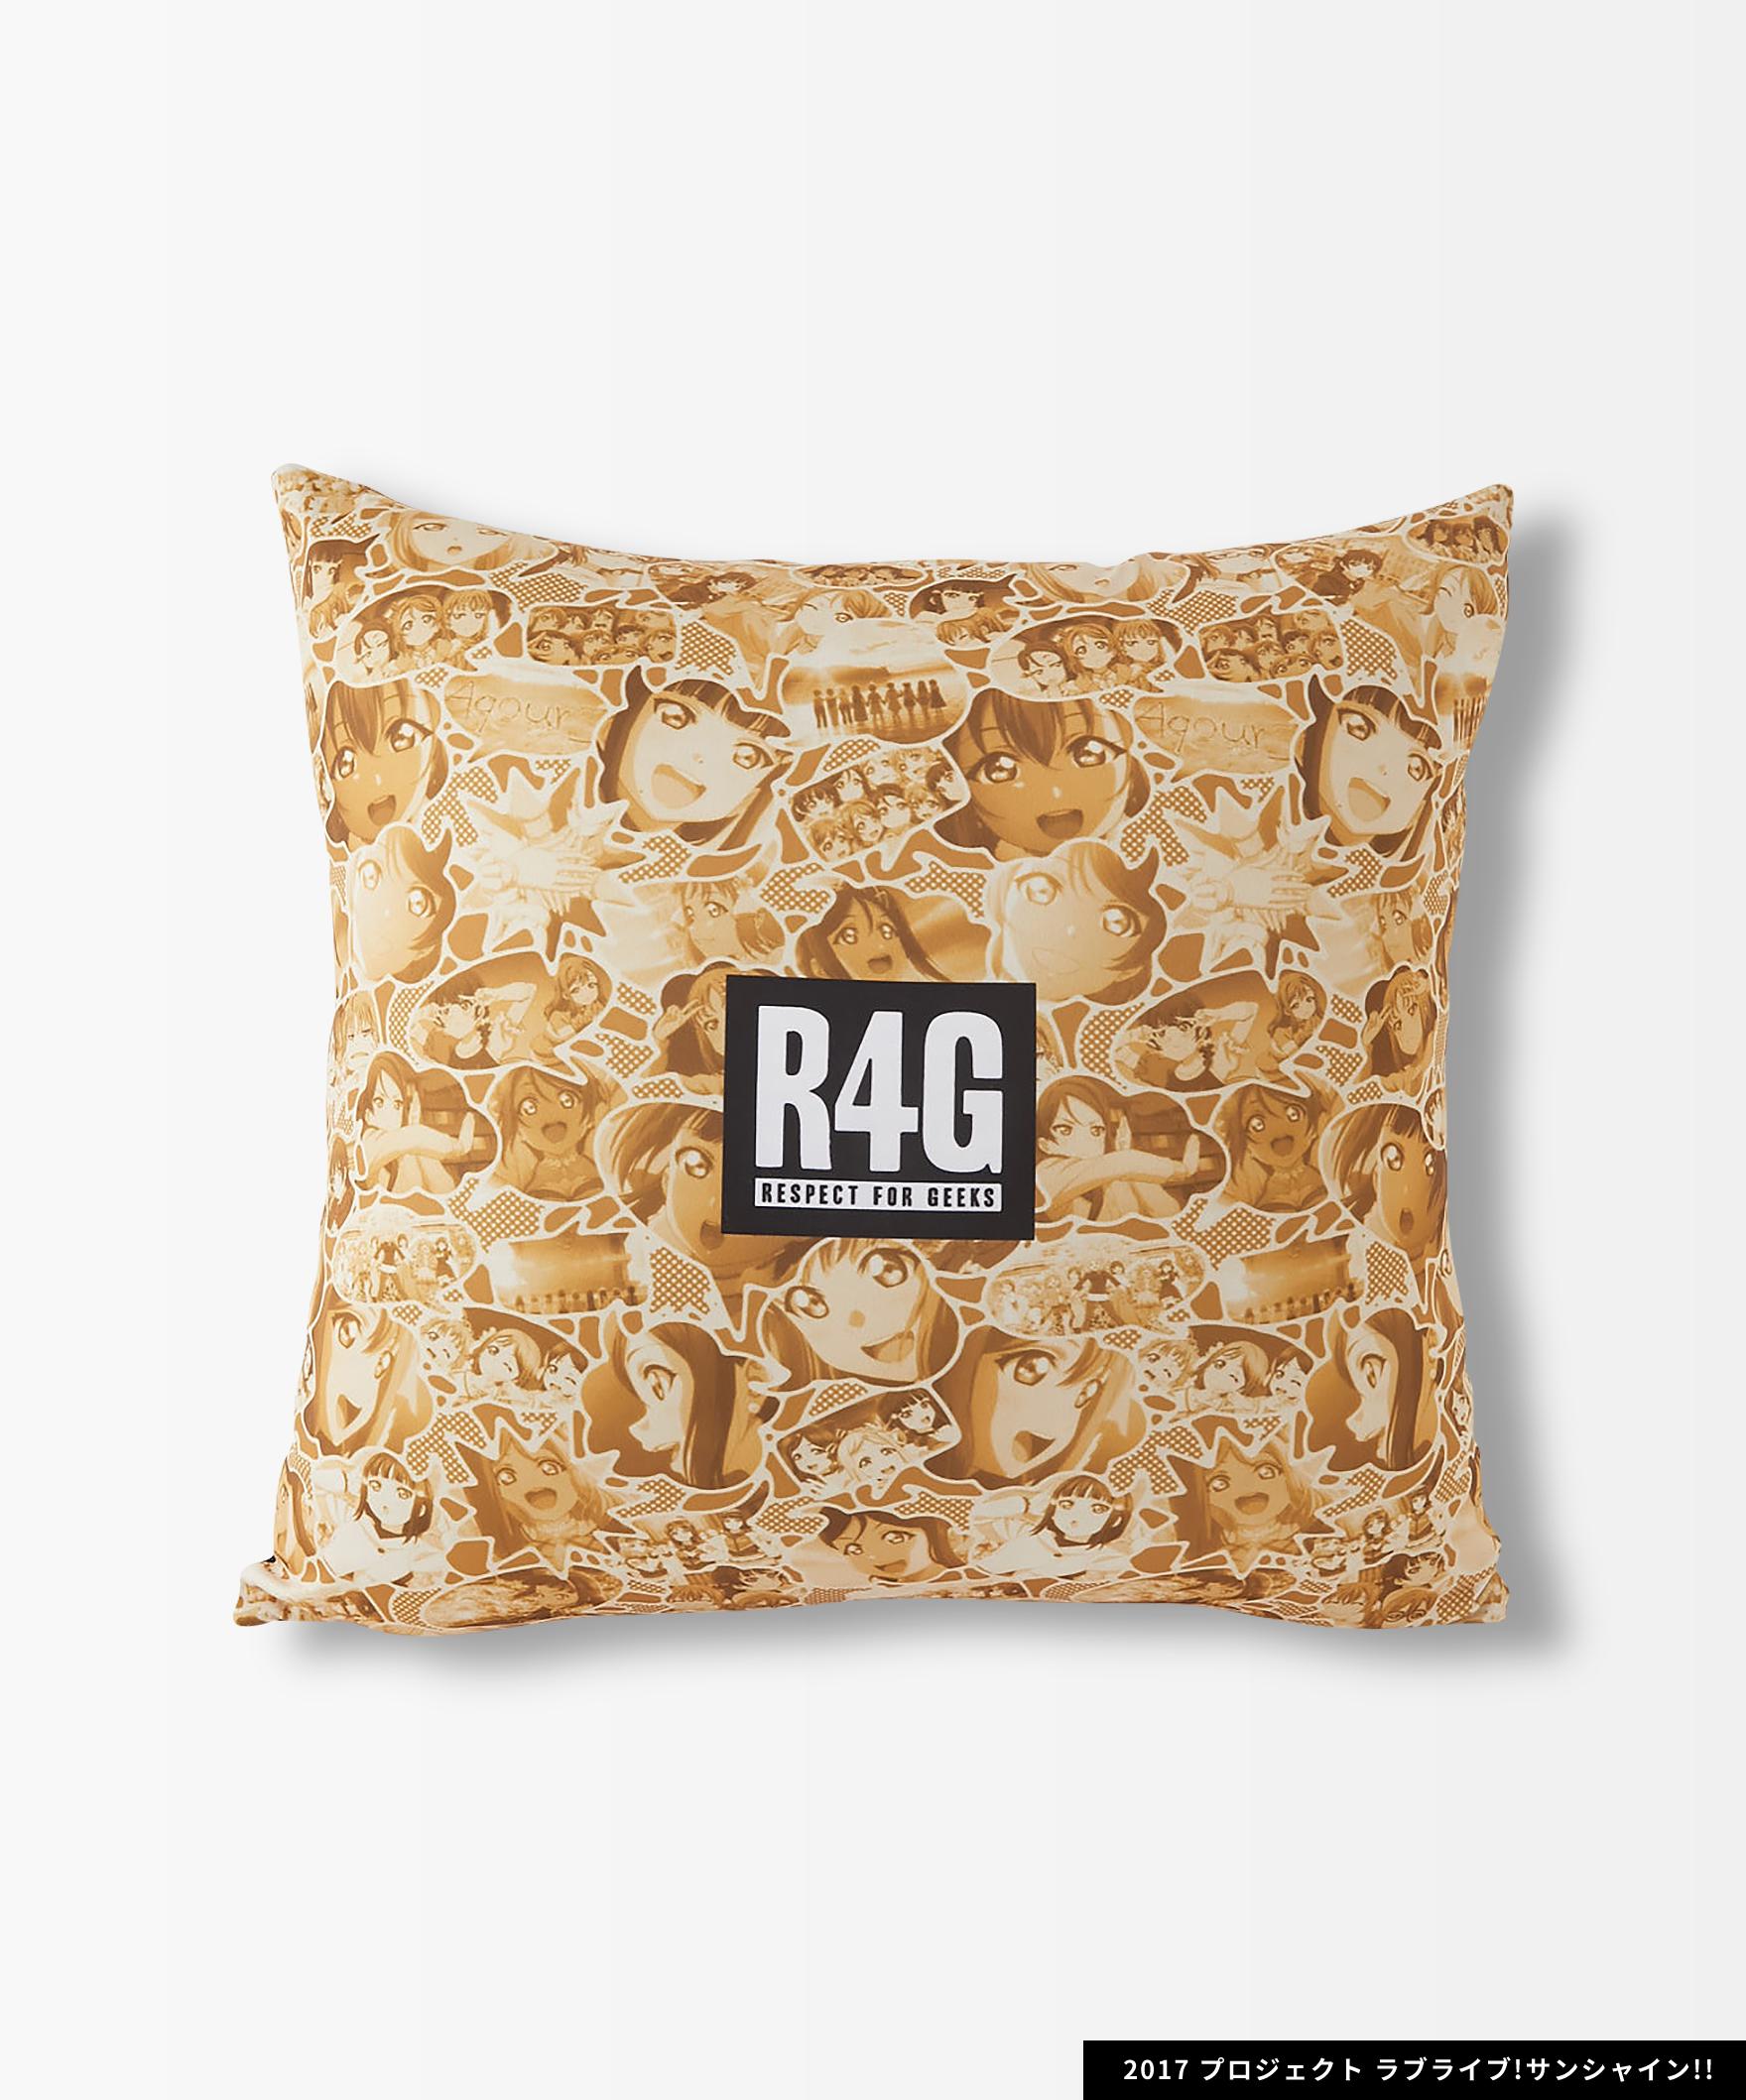 Aqours×R4G Cushion Cover(ORG)